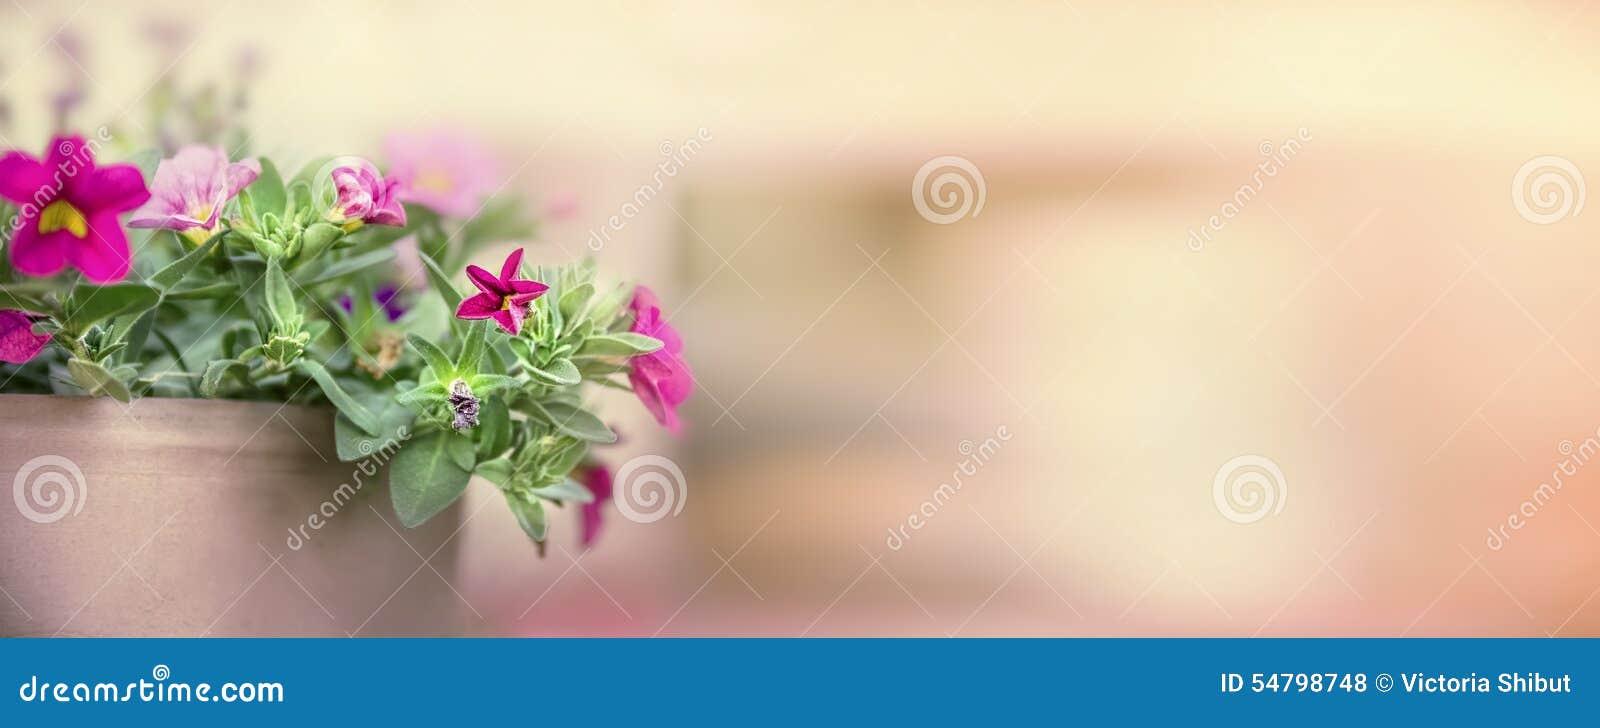 Ładna petunia w kwiatu garnku na zamazanym natury tle, sztandar dla strony internetowej